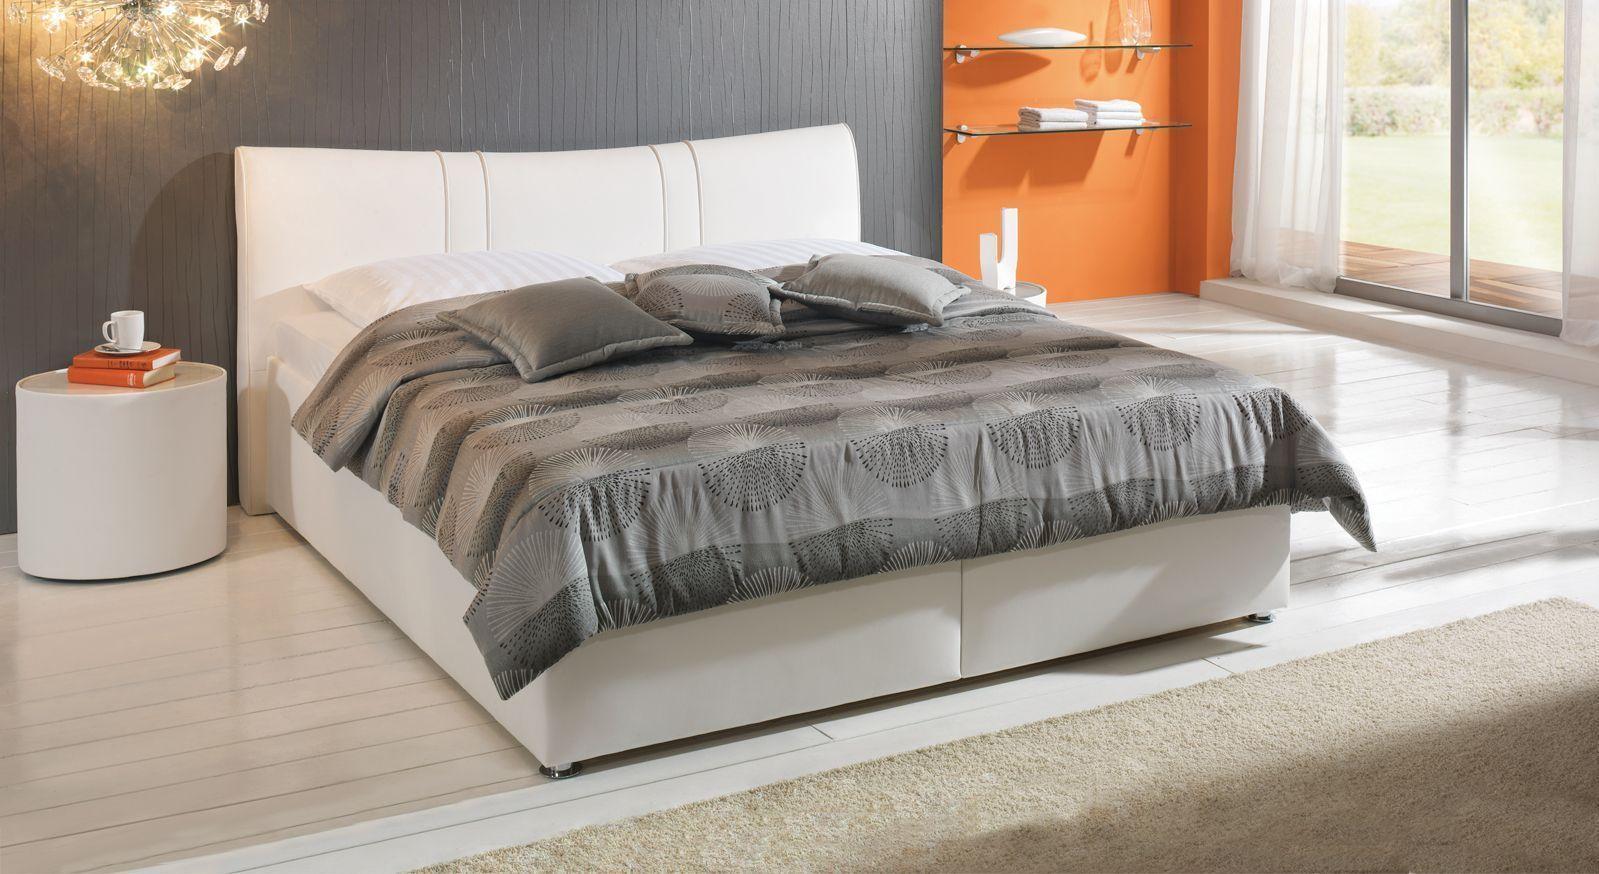 Bett Venetien Weißes Polsterbett Mit Bettkasten Günstig